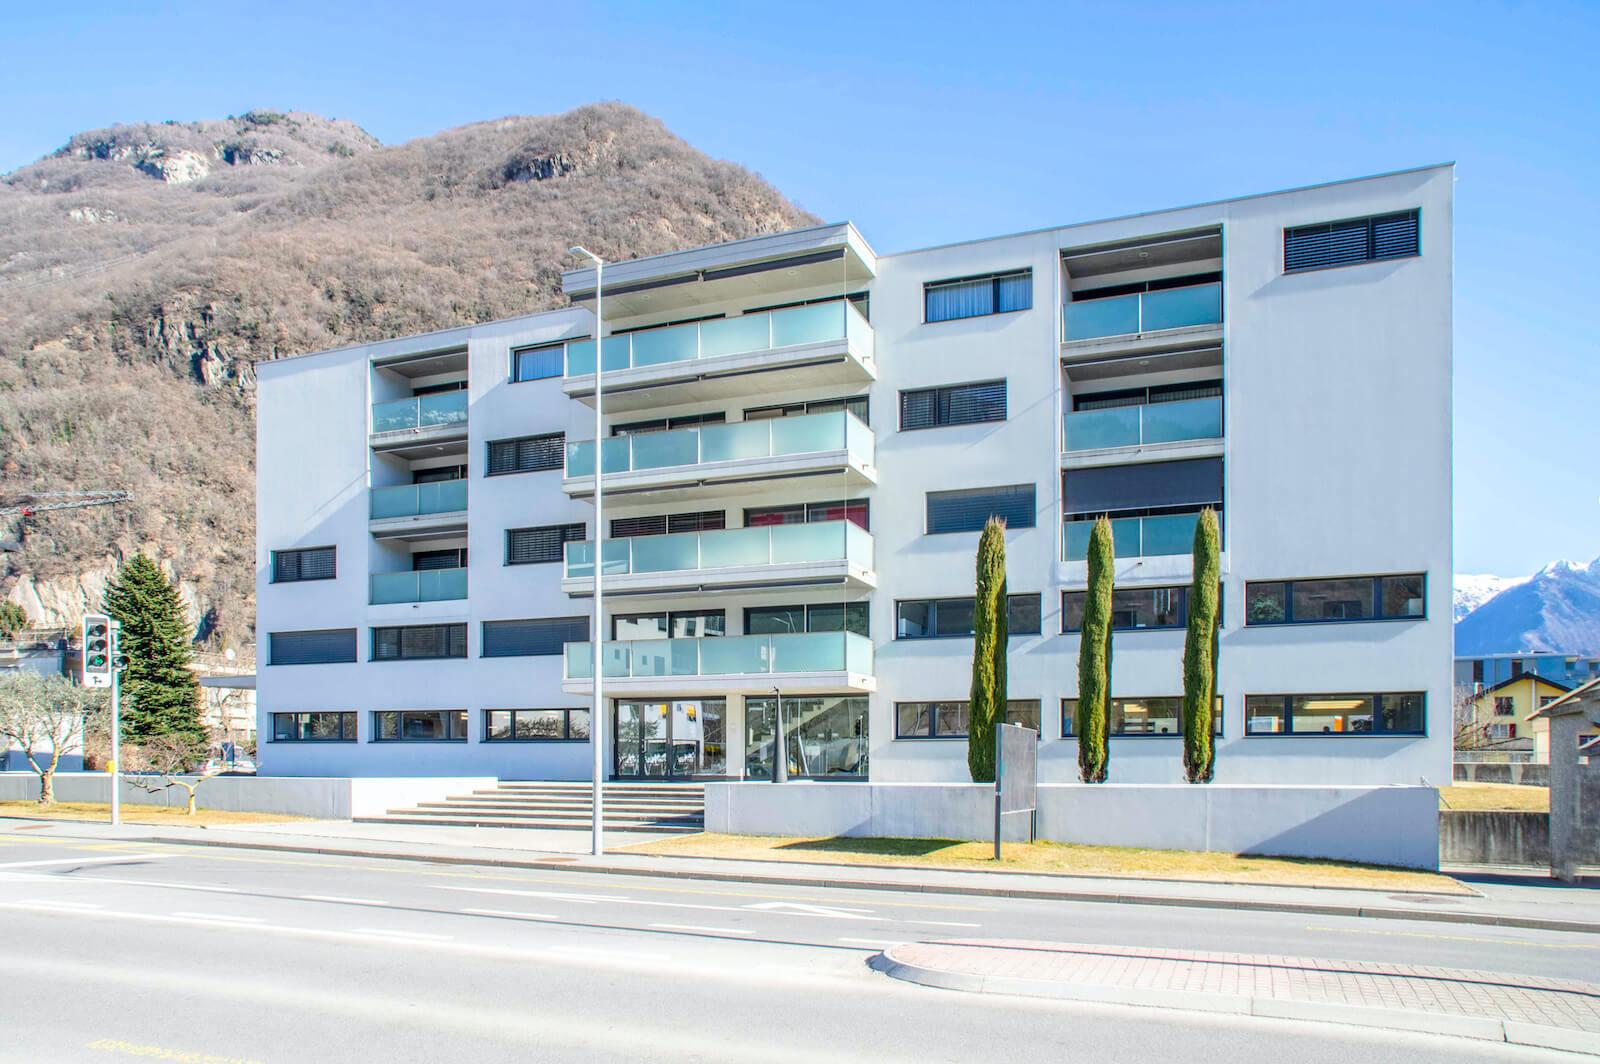 snb-immobiliare-residenza-fovea-002